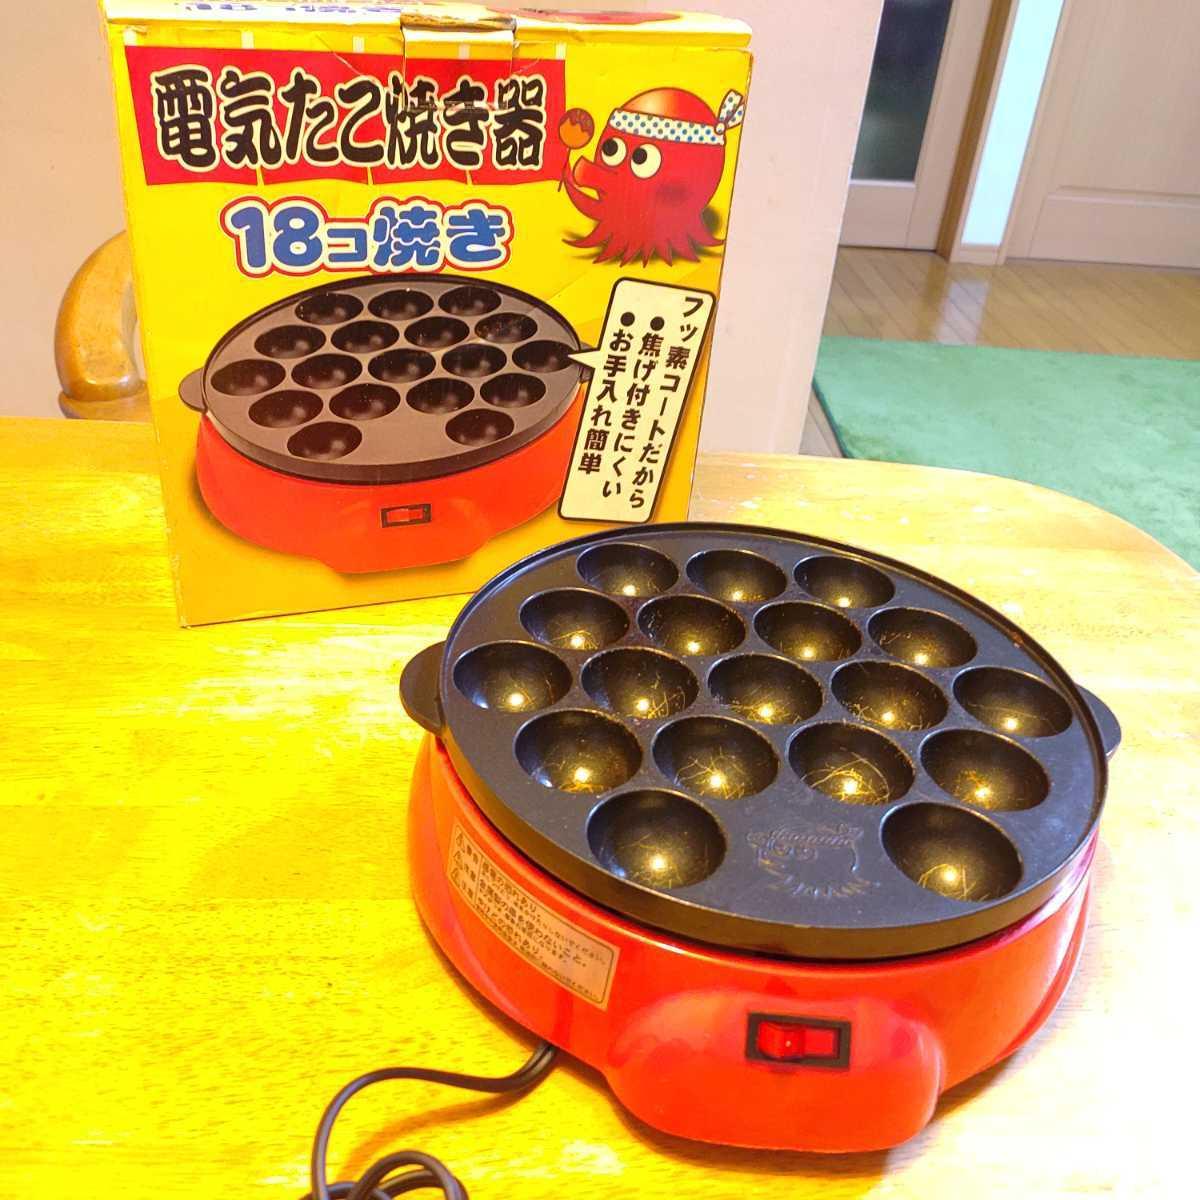 たこ焼き器 18個焼き フッ素コート 通電確認済